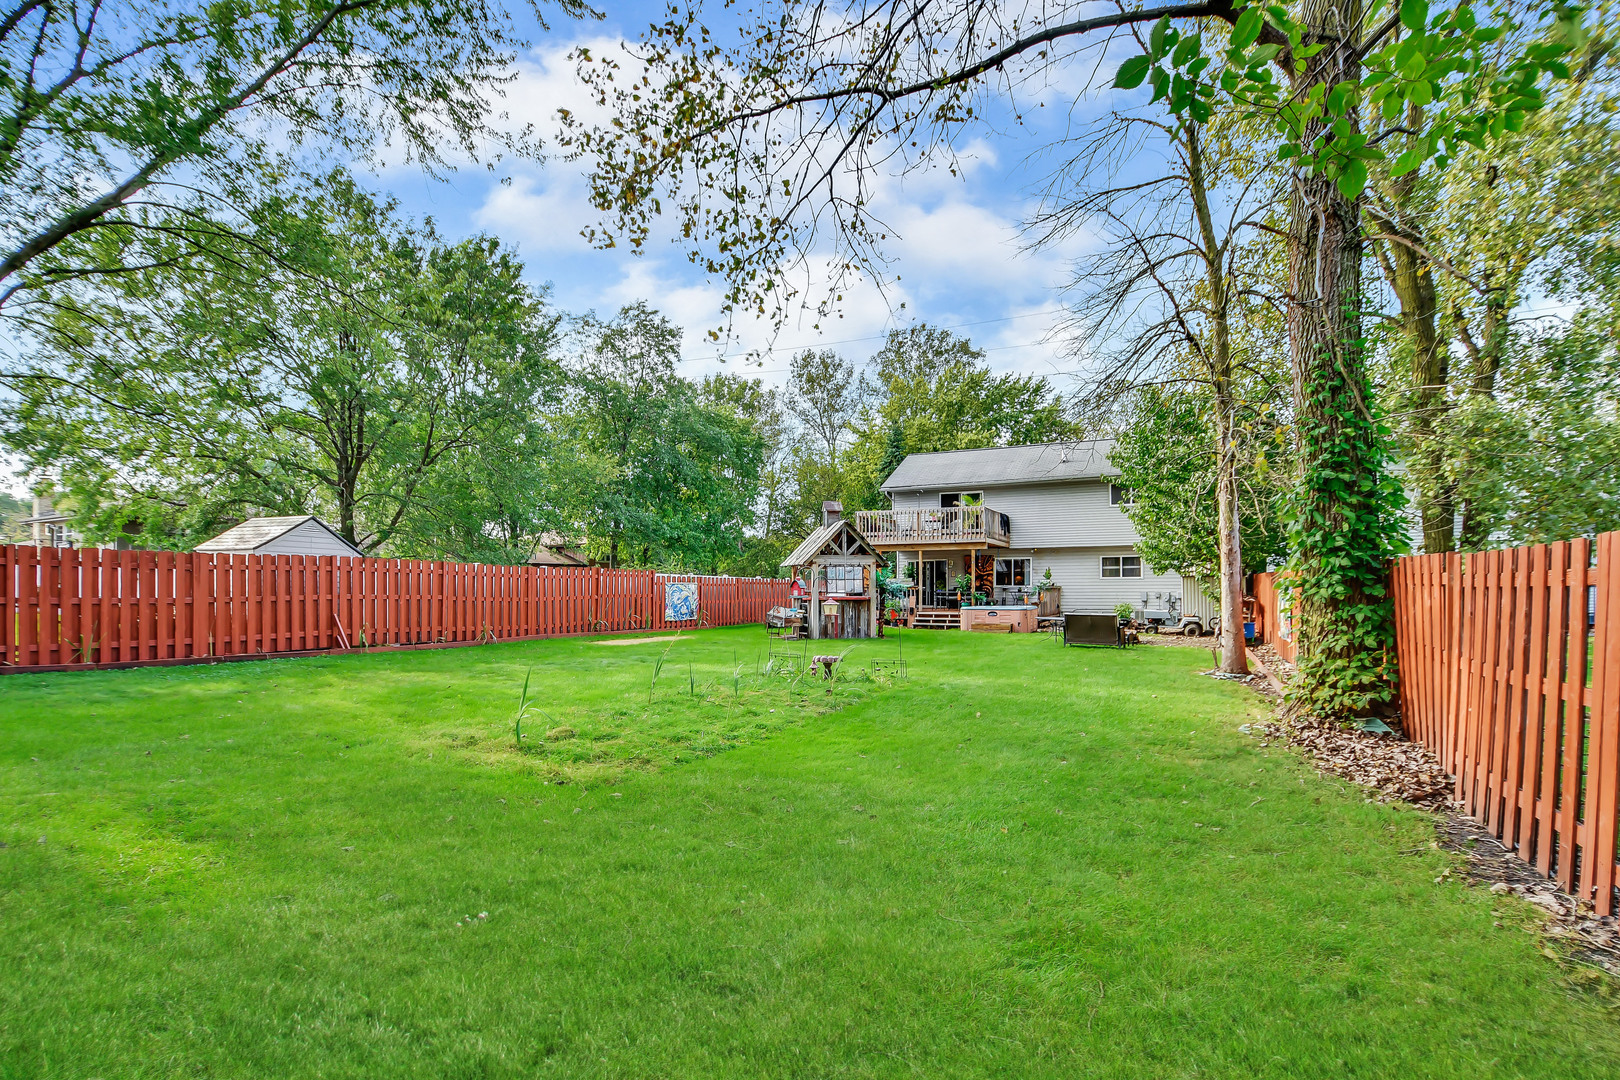 8157 LAKE, Willow Springs, Illinois, 60480